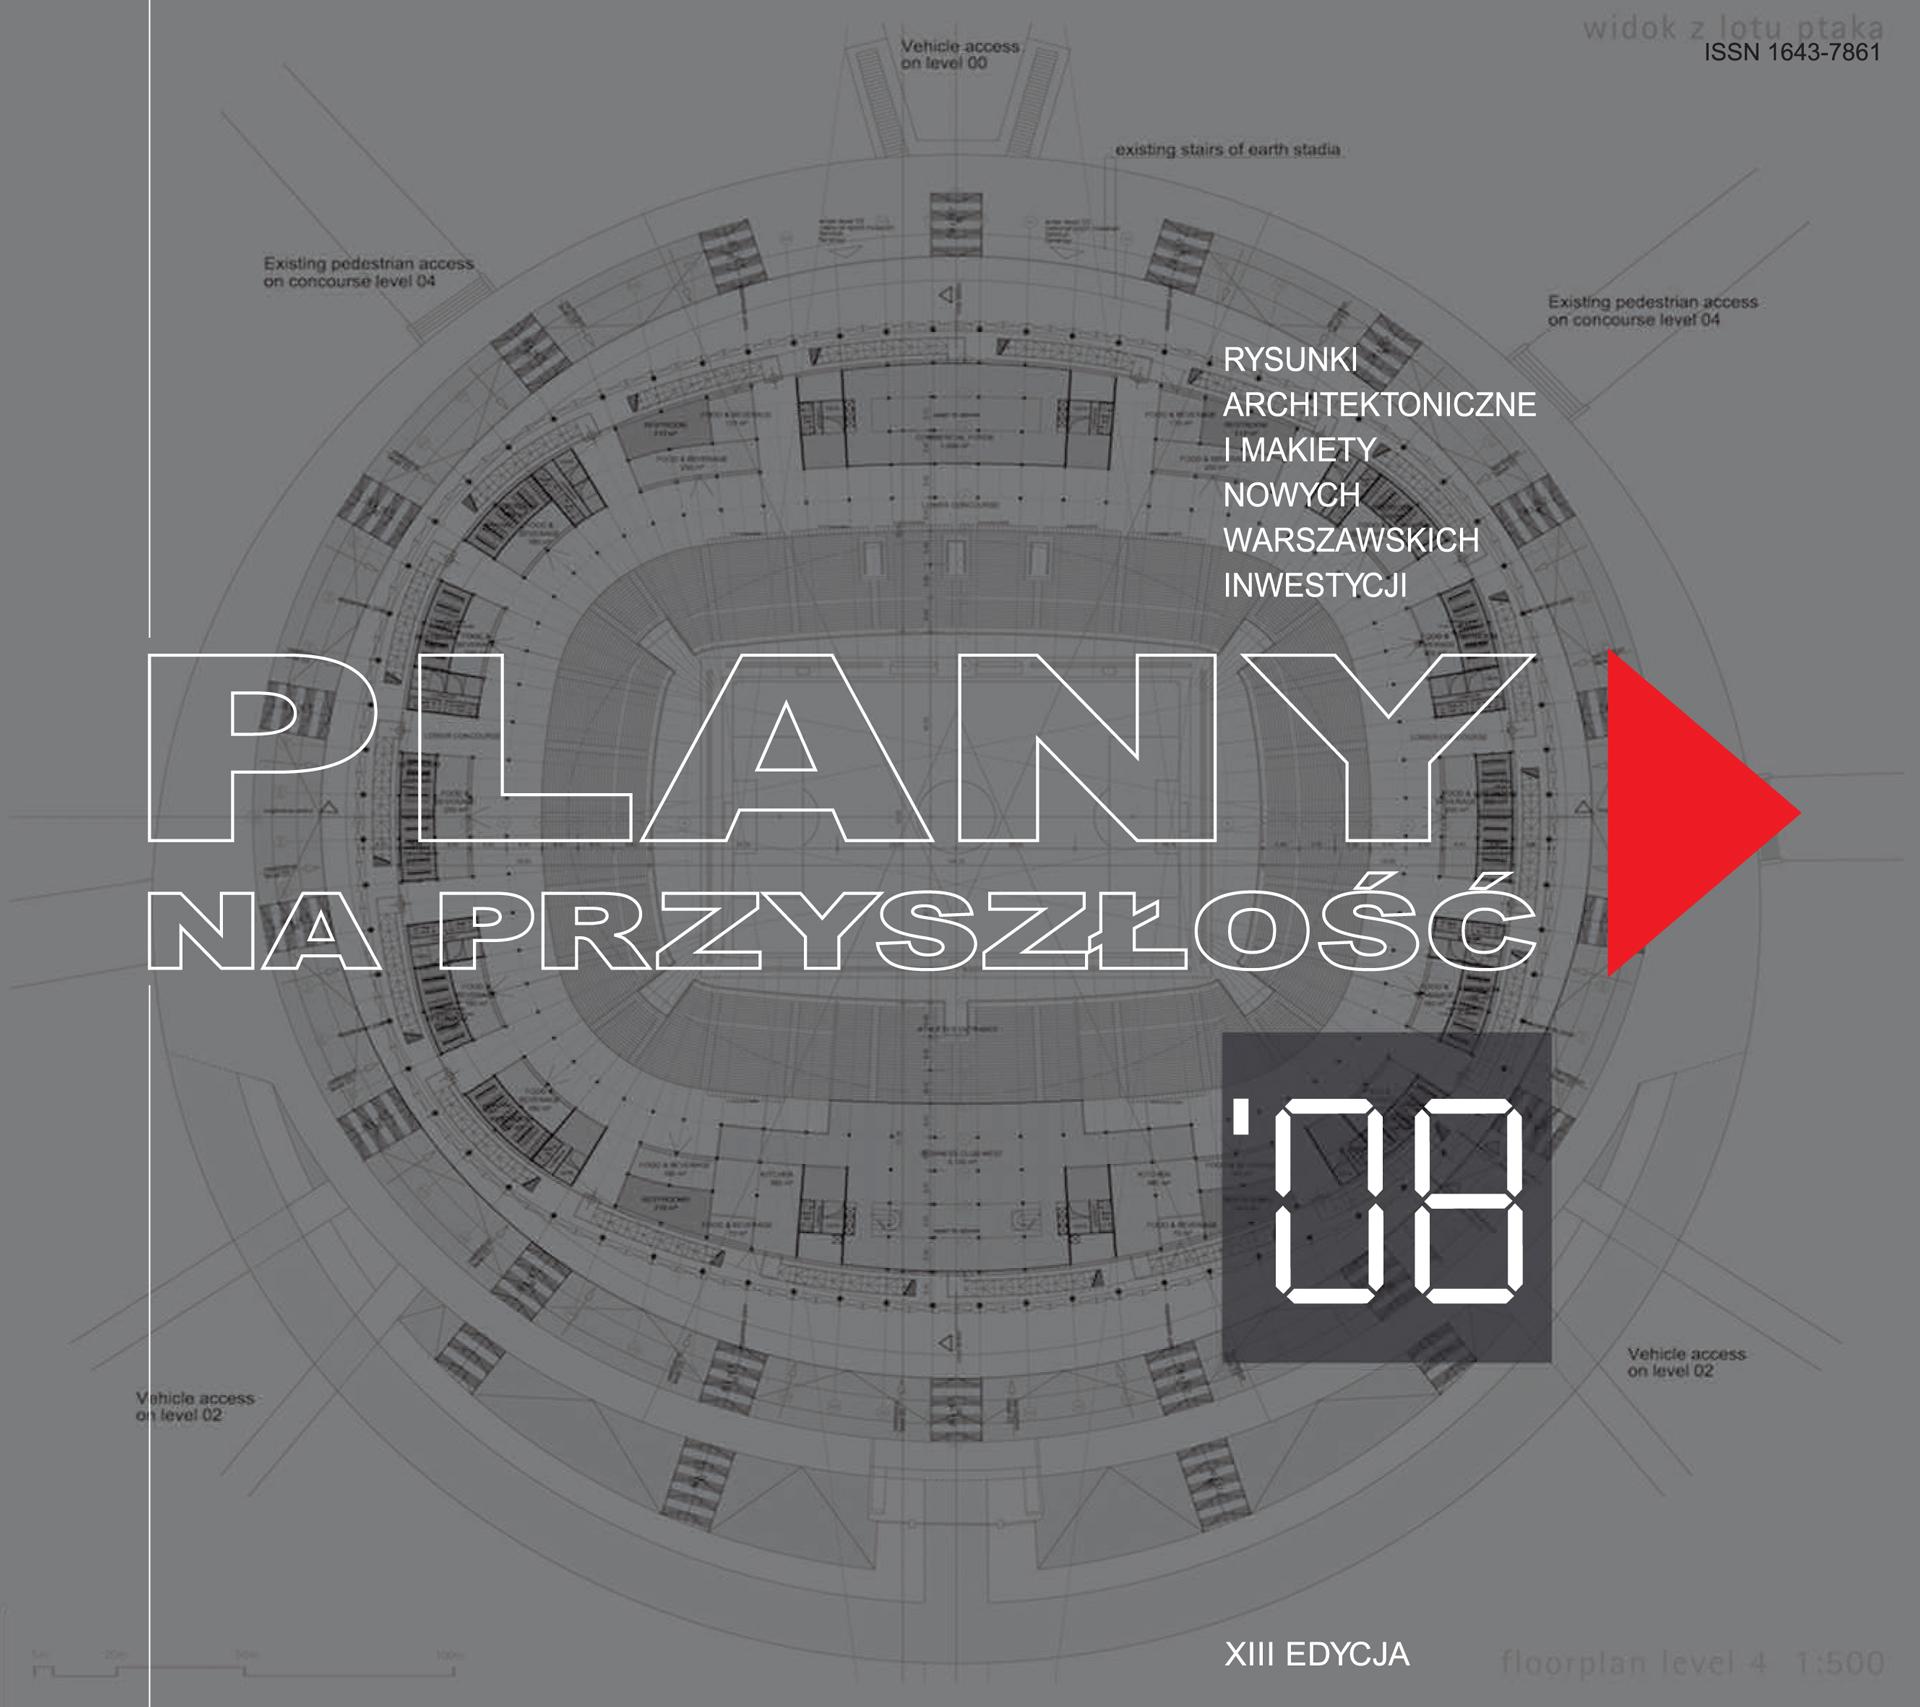 plany na przyszłość 2008